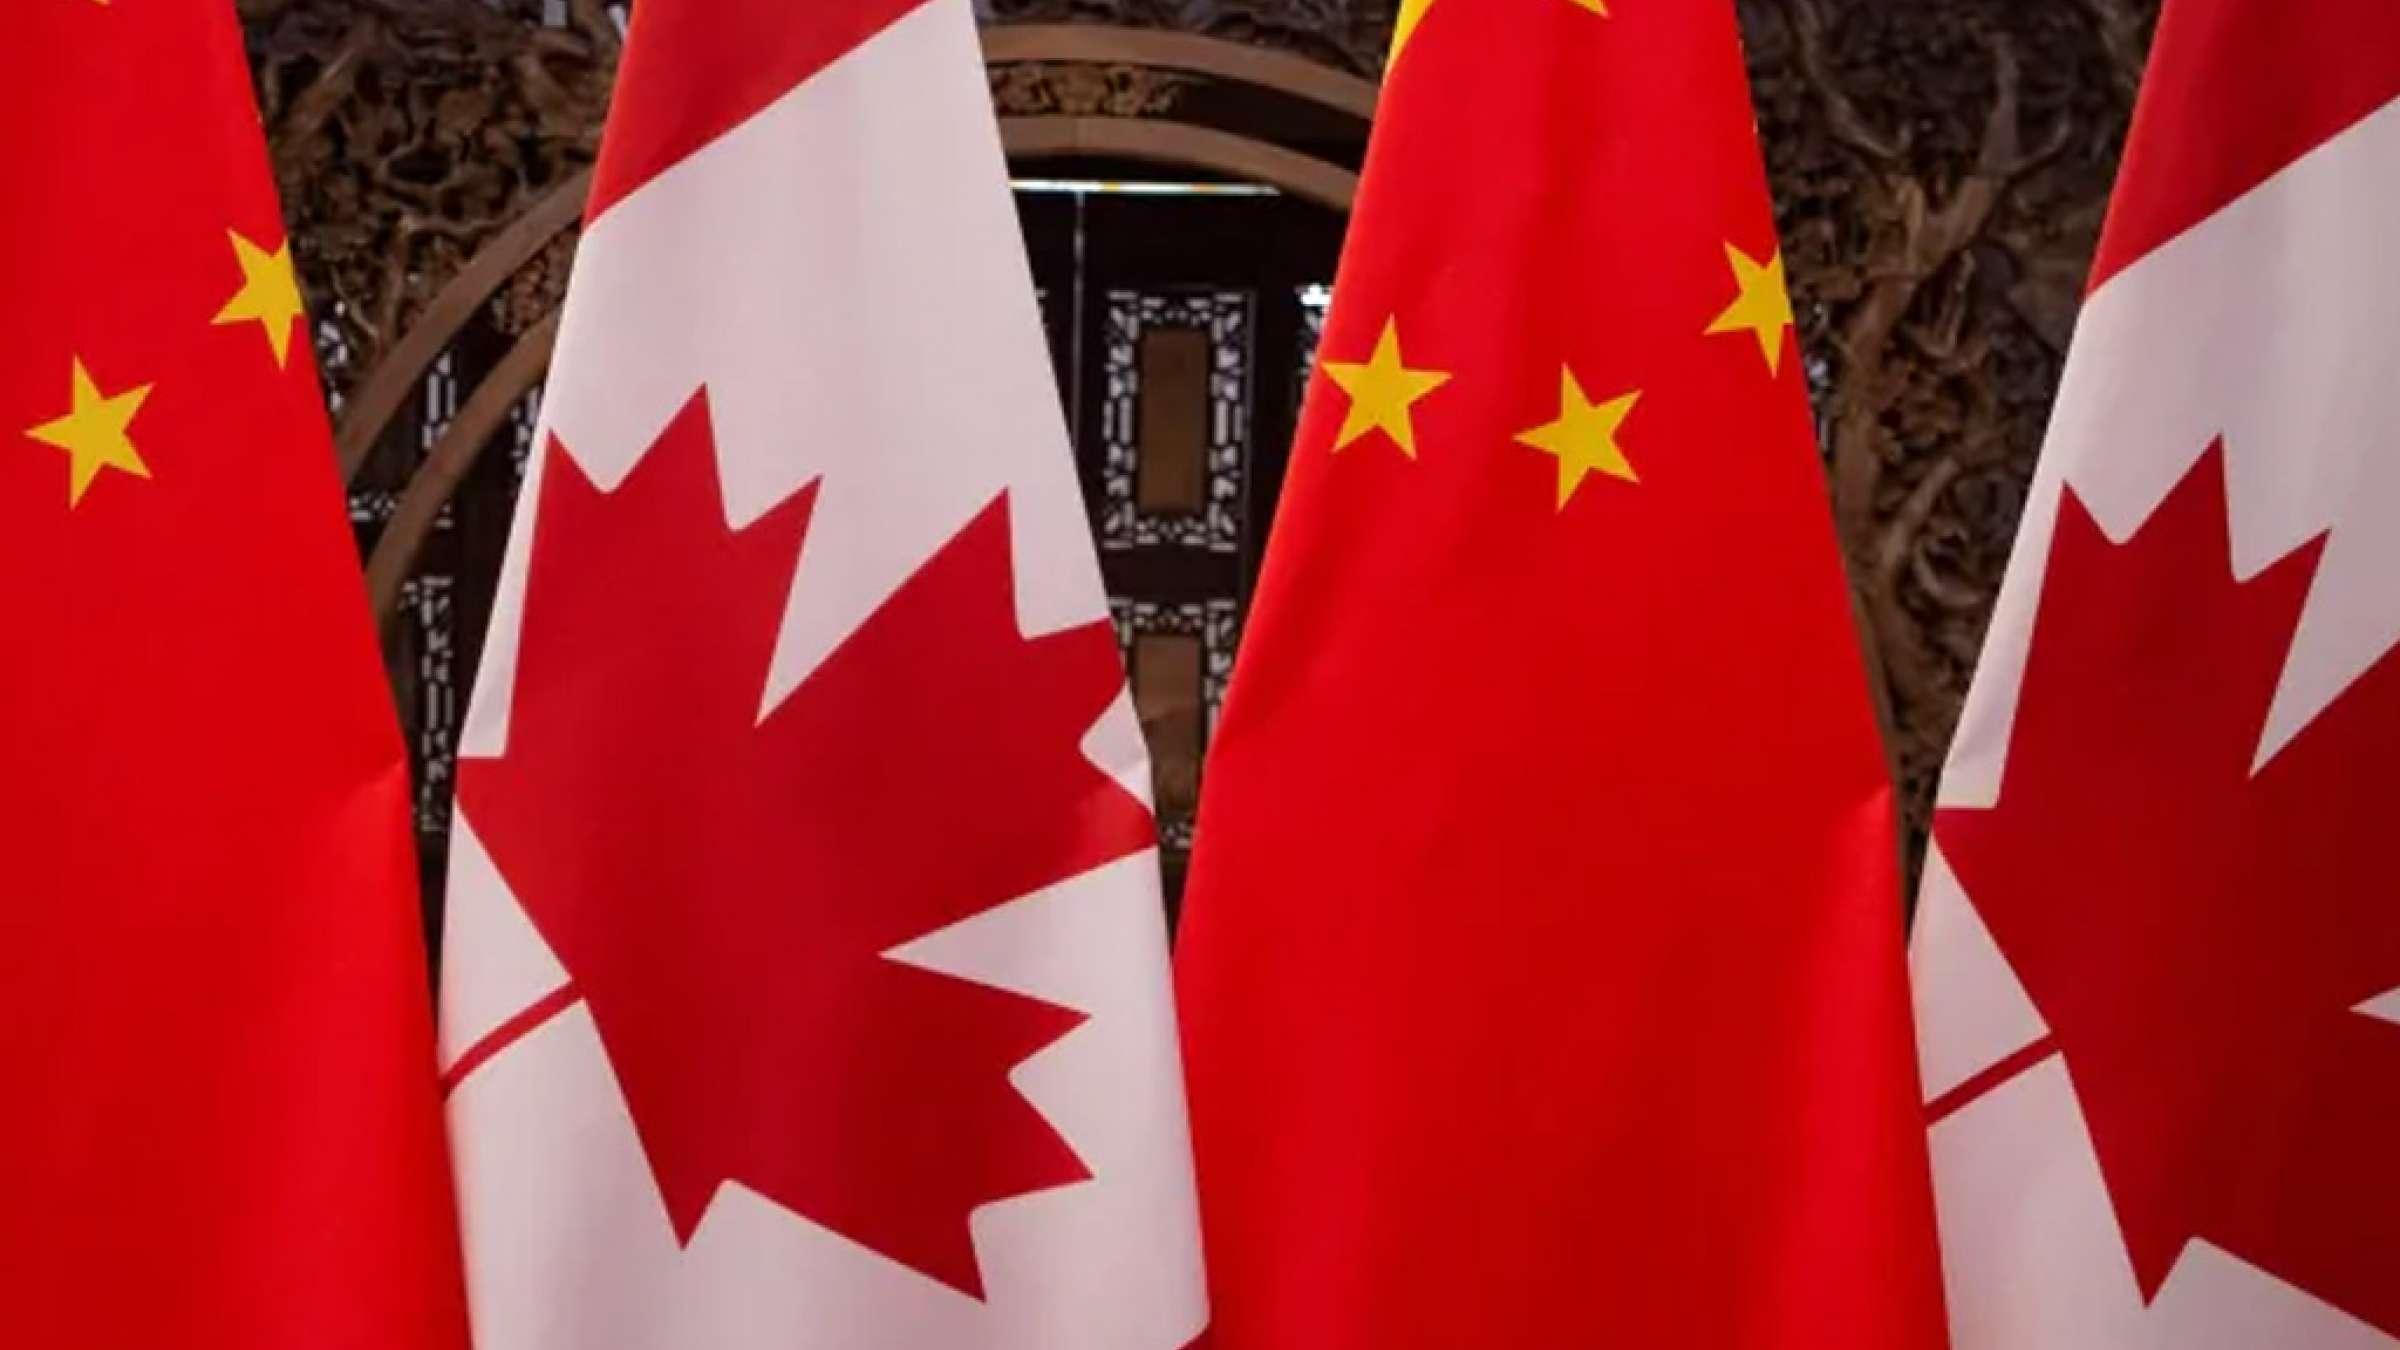 اخبار-کانادا-یک-کانادایی-دیگر-در-چین-دستگیر-شد